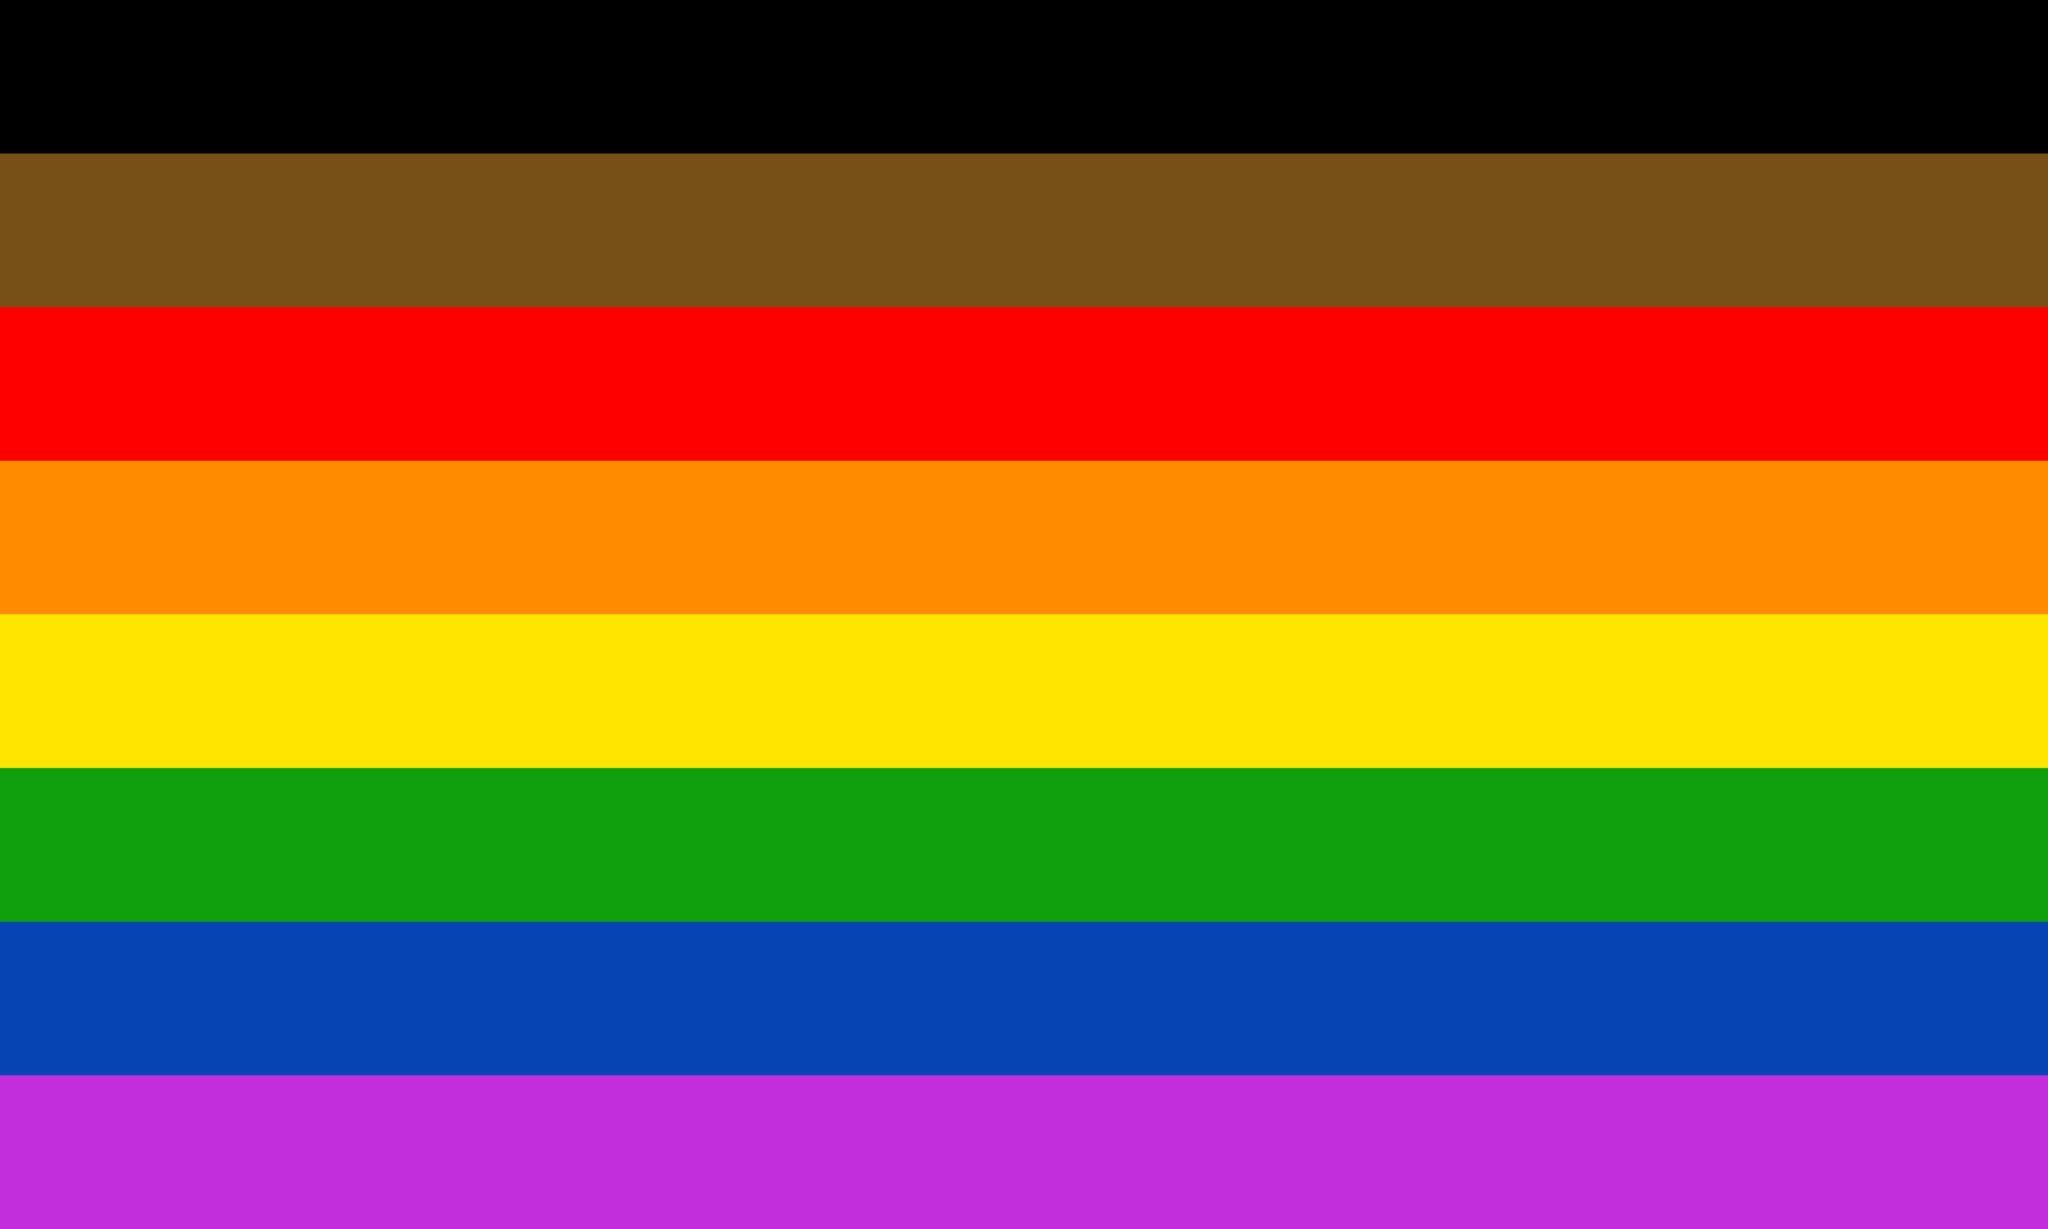 Manchester Pride, Sekiz Şeritli Yeni LGBT Bayrağını Kullanacağını Duyurdu!